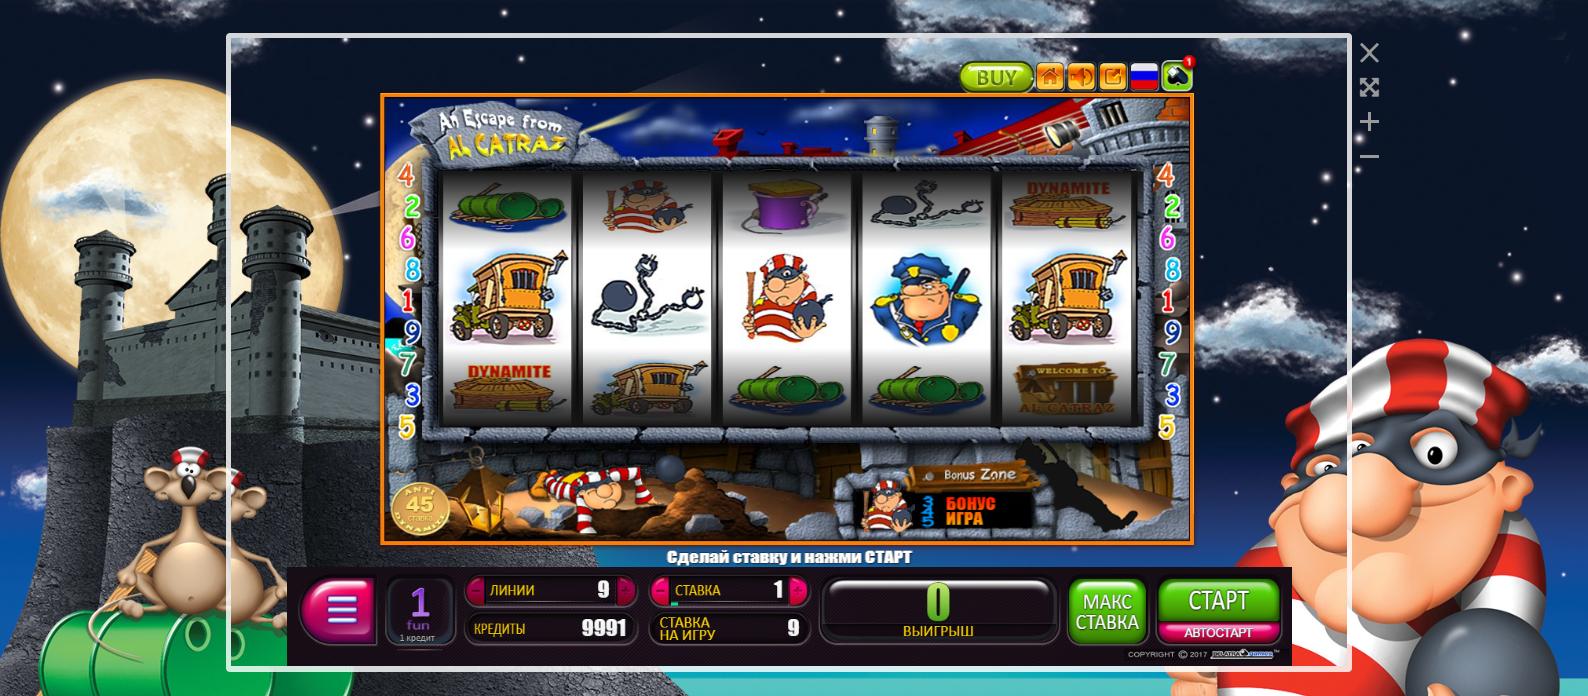 Сладкий вкус бонусного ассорти в казино Marmelad